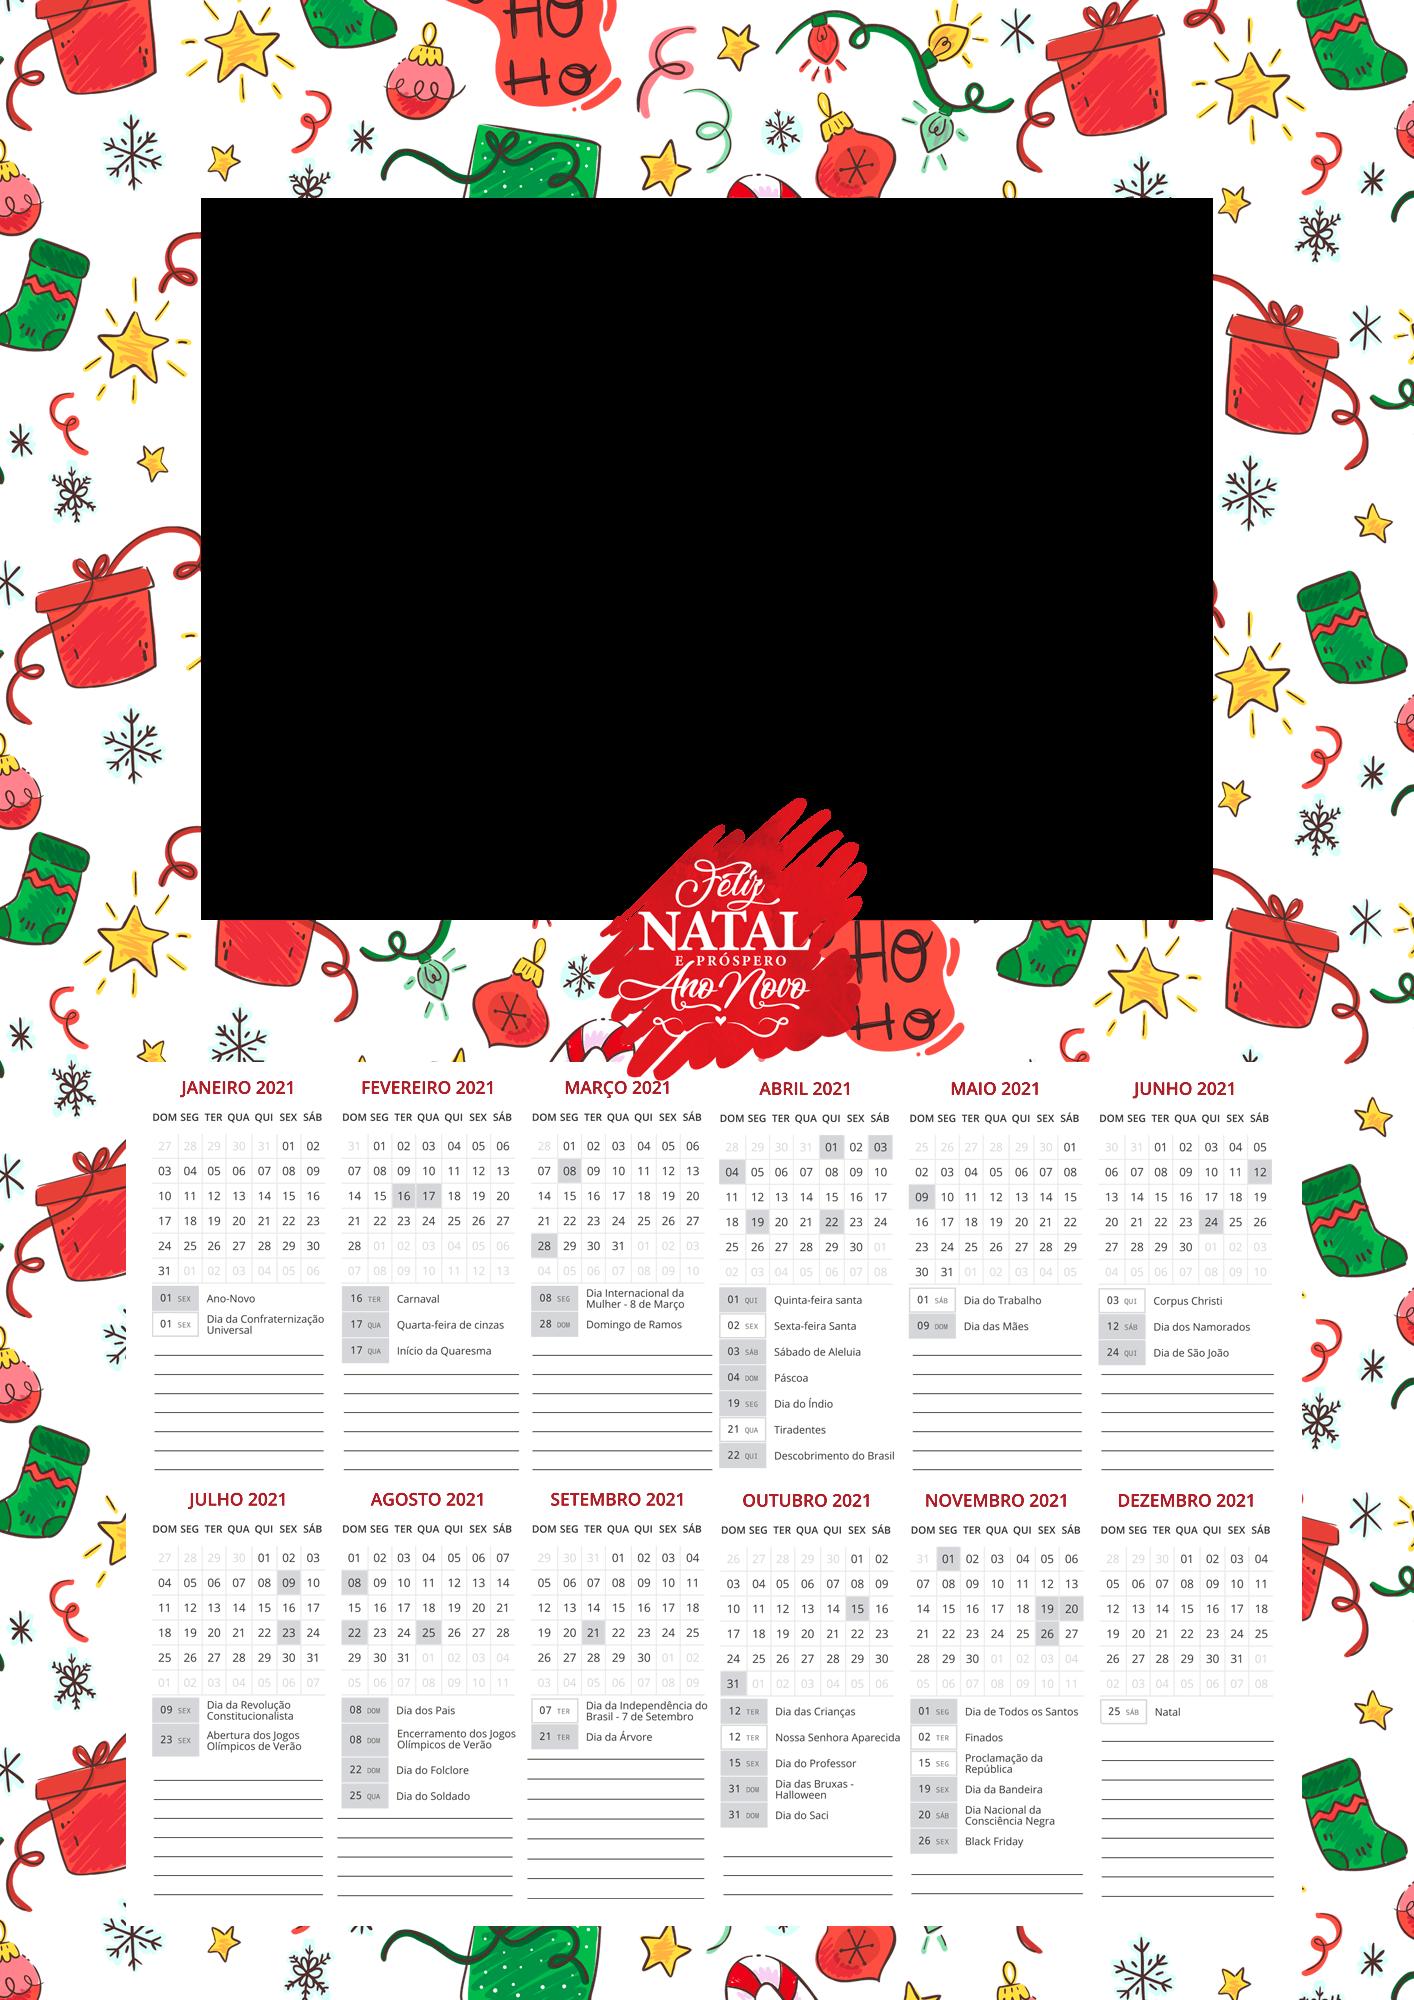 Calendario 2021 Personalizado com foto de Natal 5